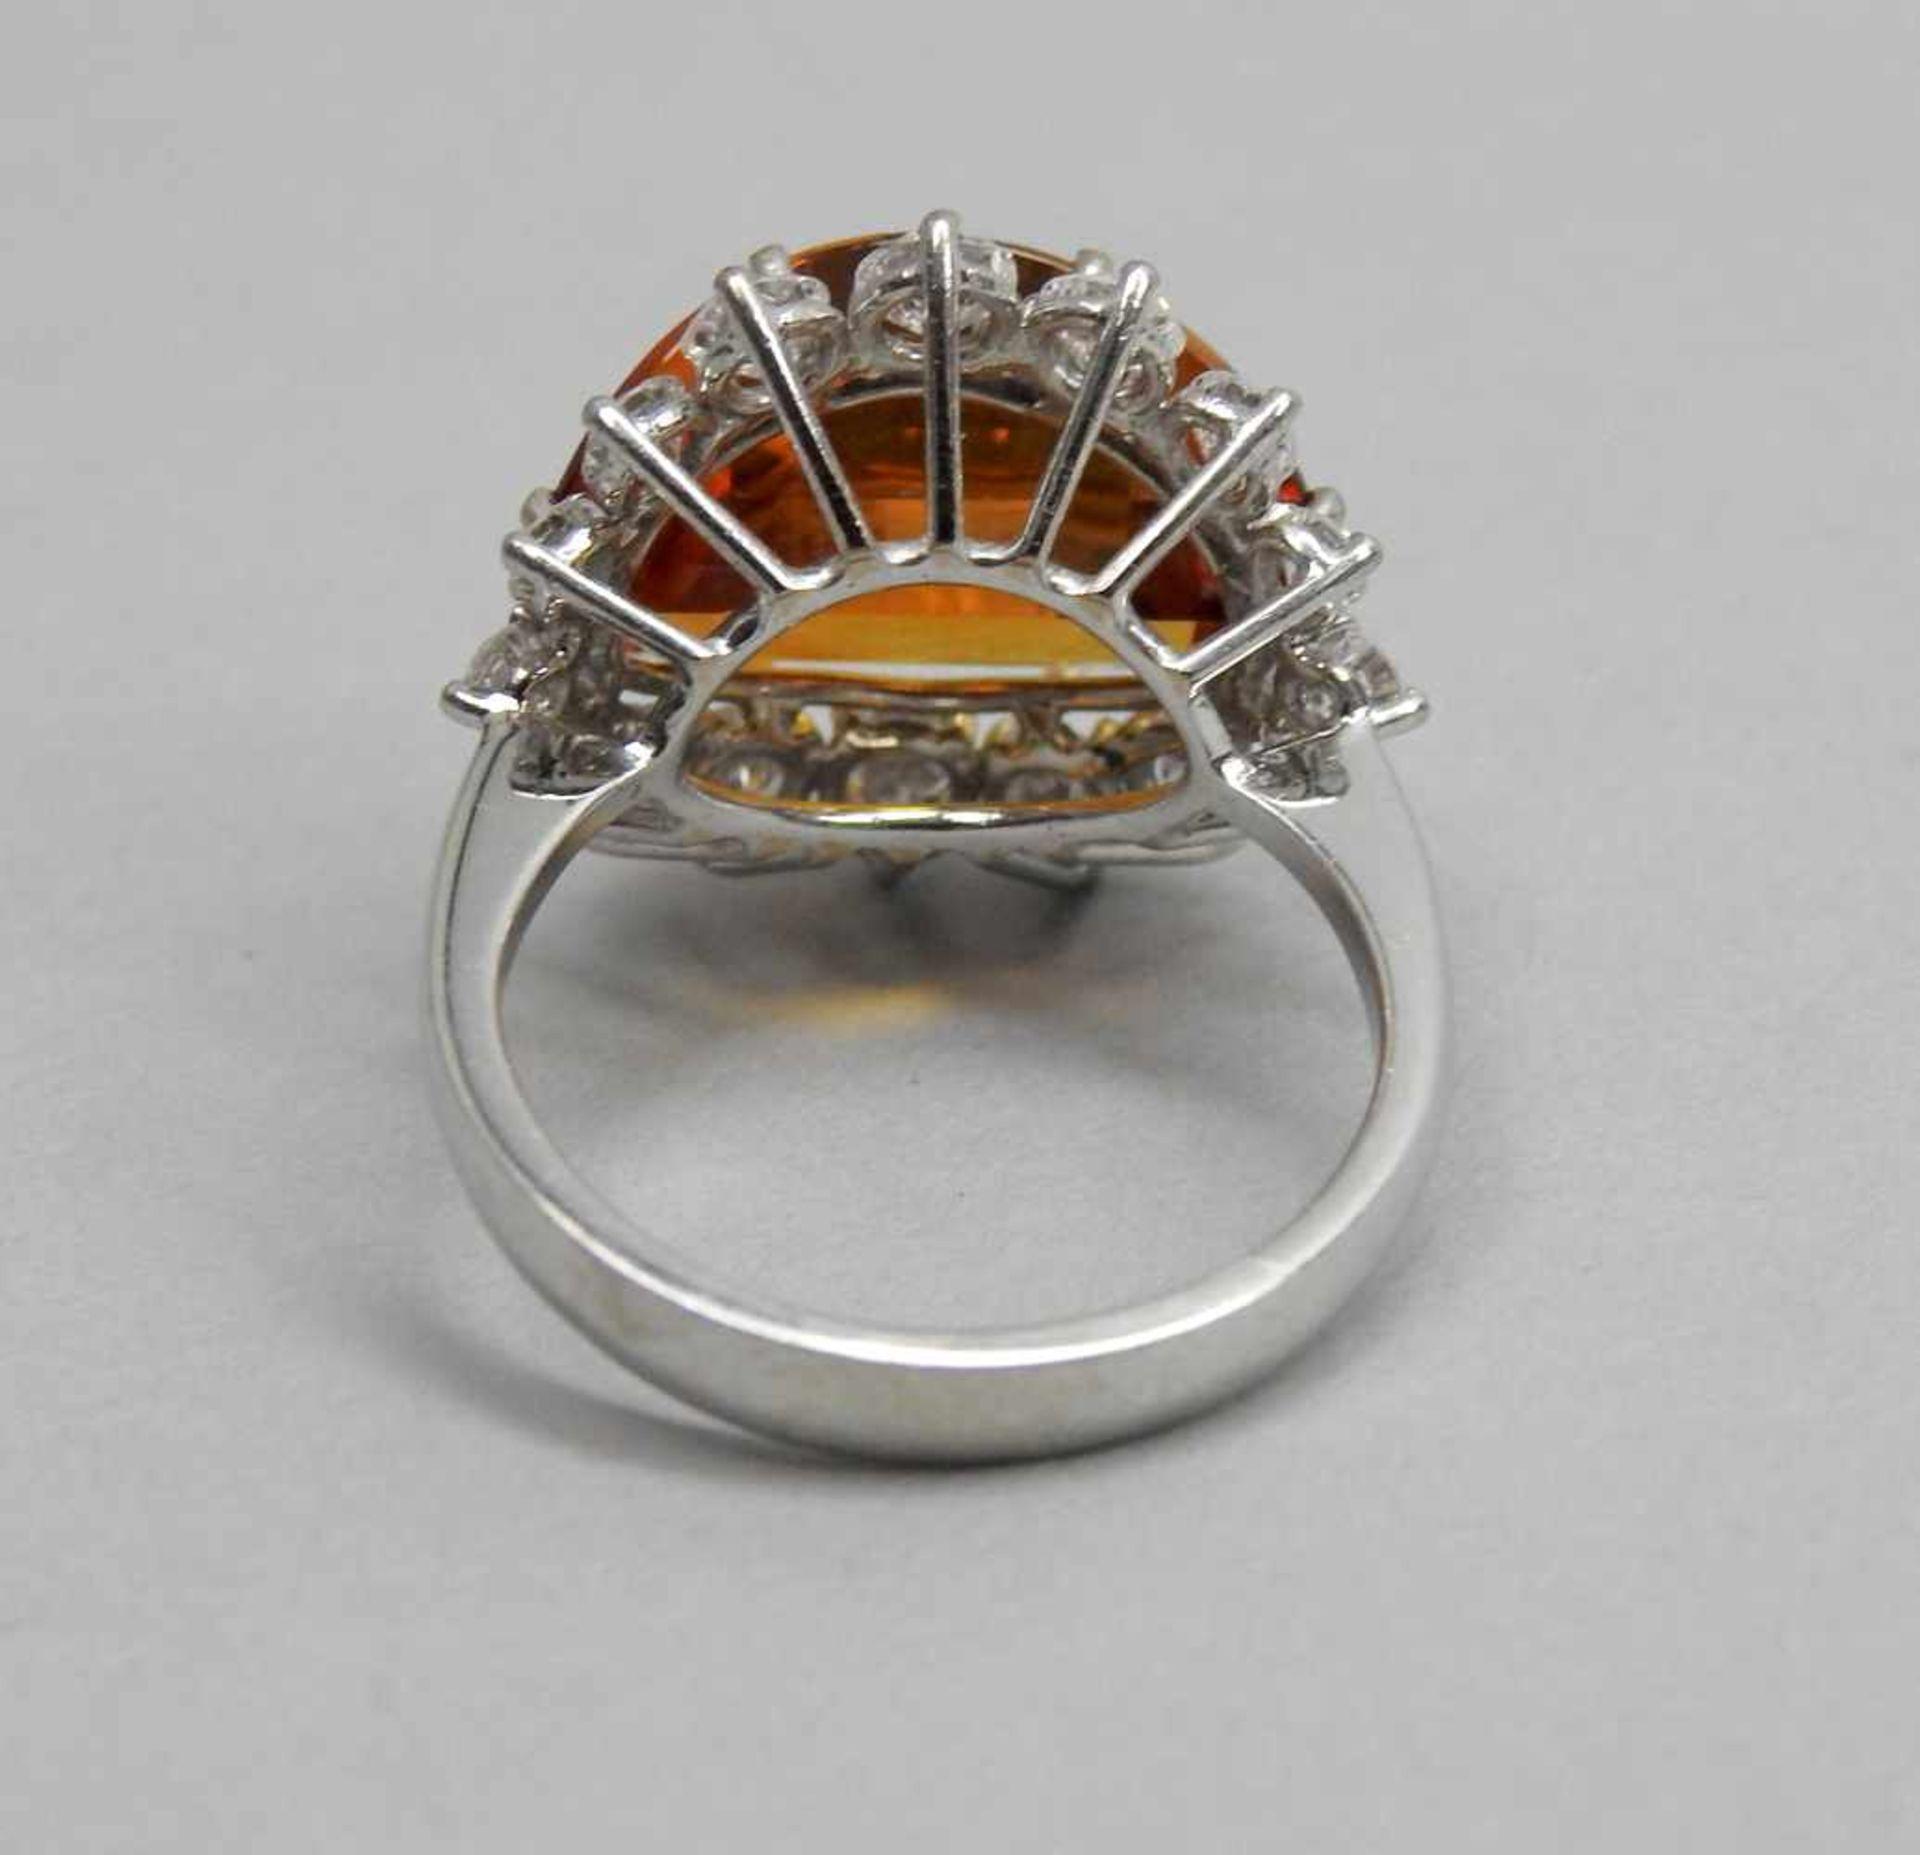 Großer Citrin-Diamant-Ring18 K. Weißgold mit großem Citrin, ca. 5 ct und Diamanten, - Image 3 of 3